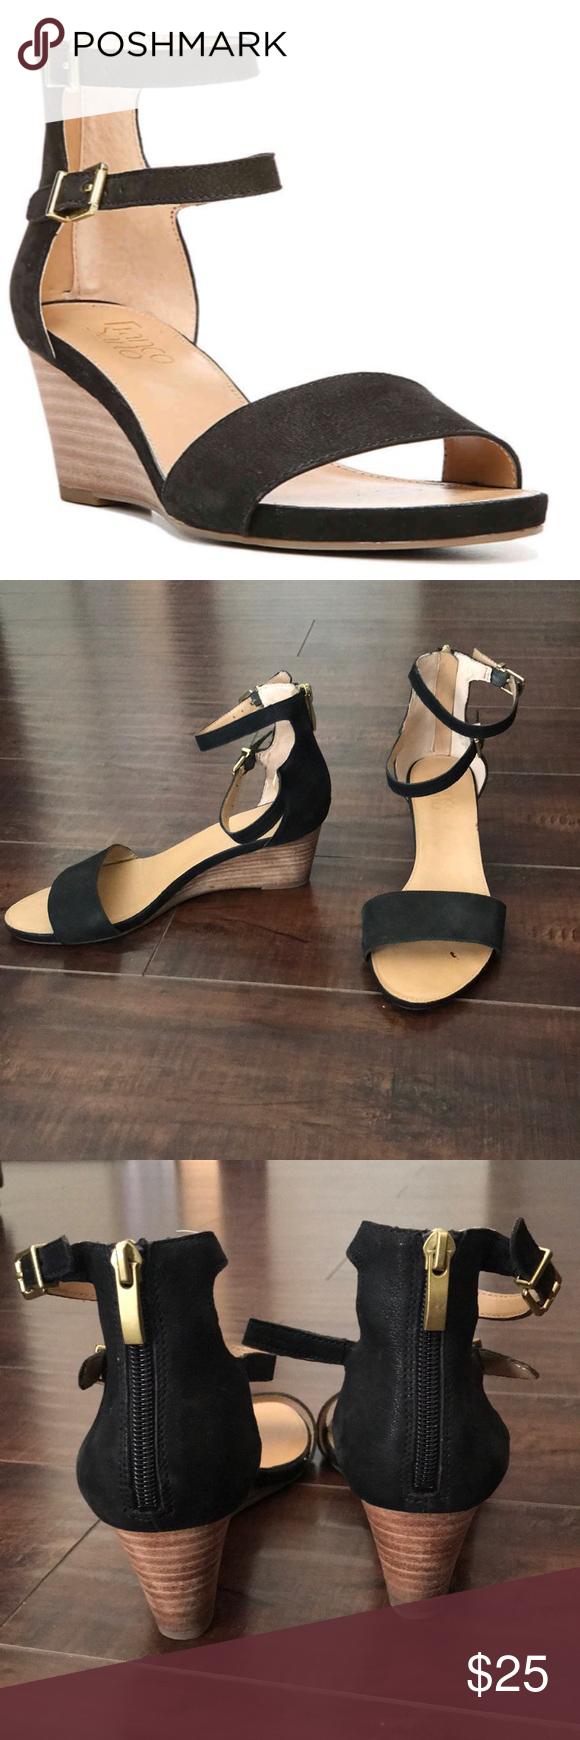 Franco Sarto black wedge sandal size 8M